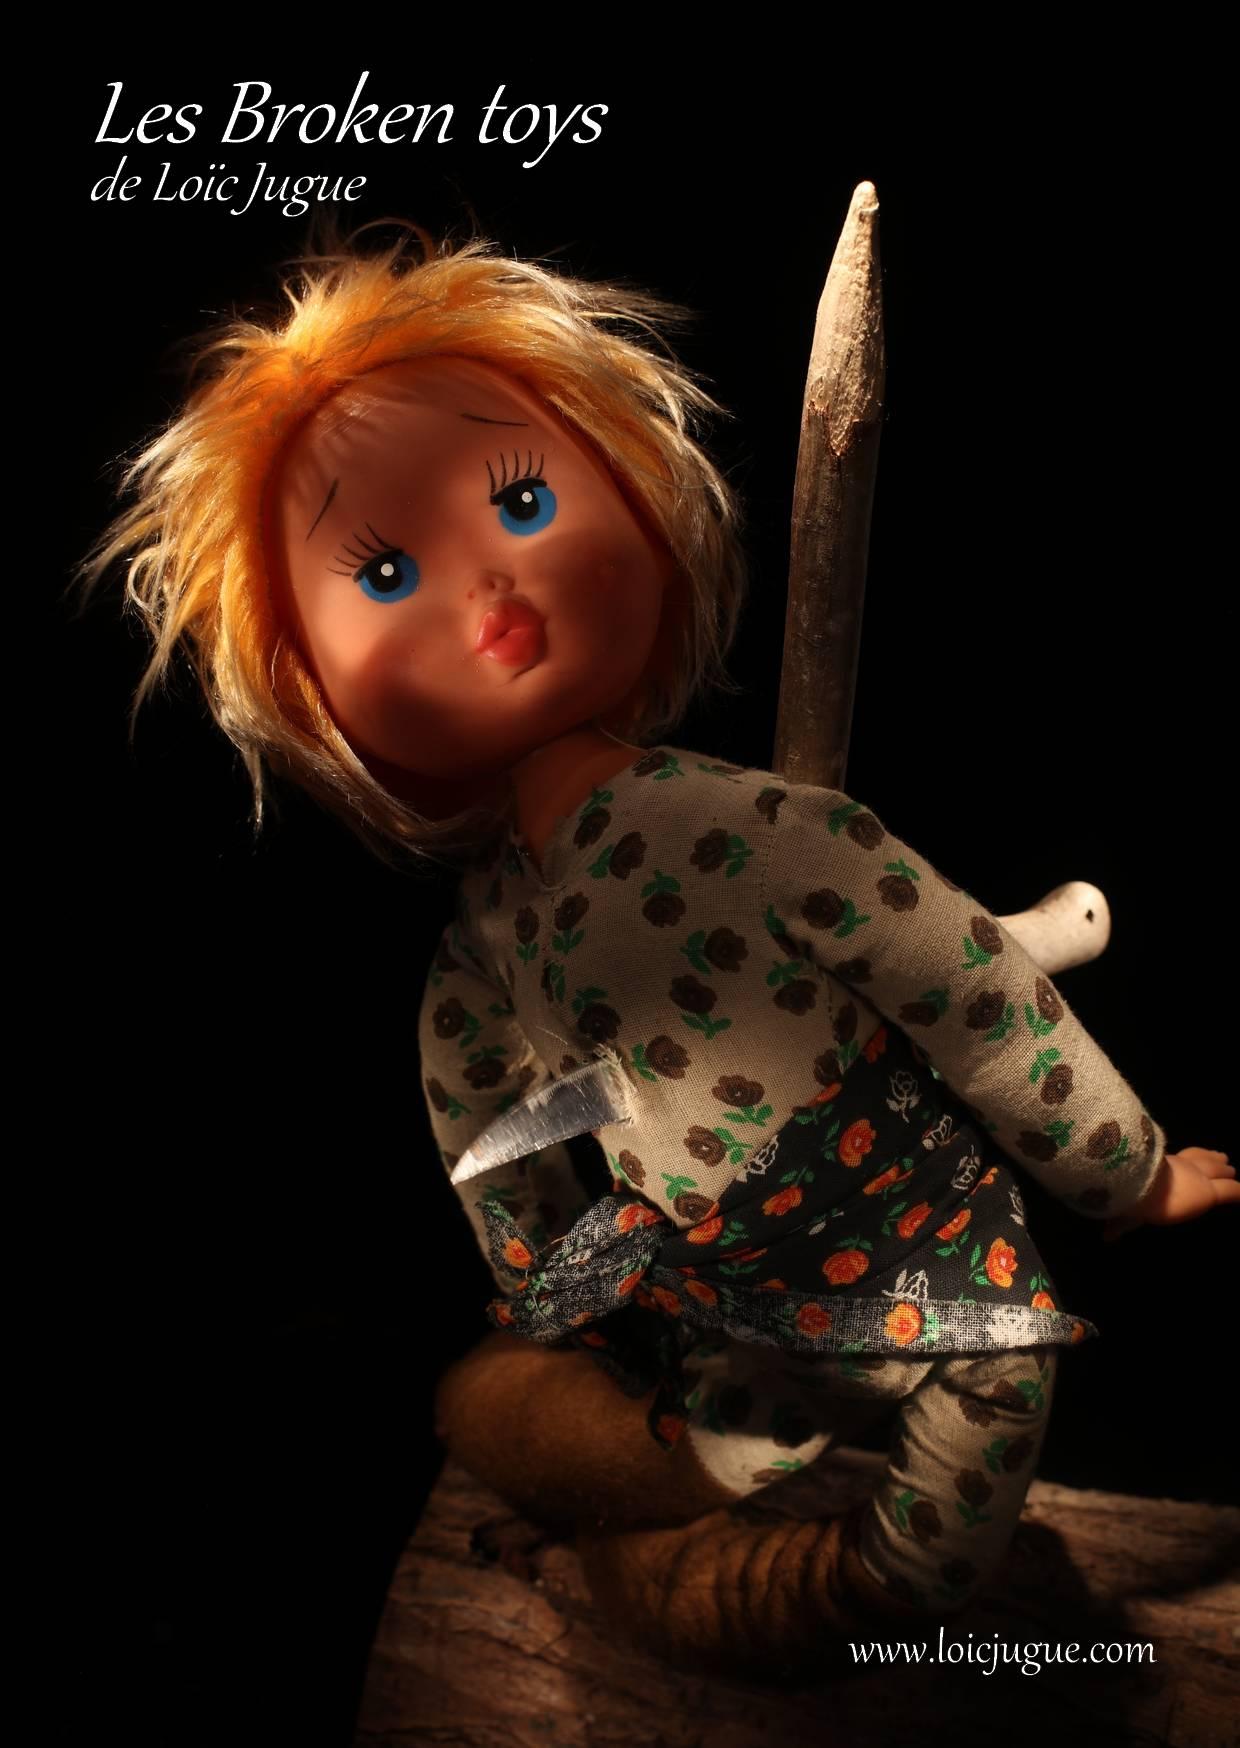 Les broken toys de Loïc Jugue:  La poupée et le pal